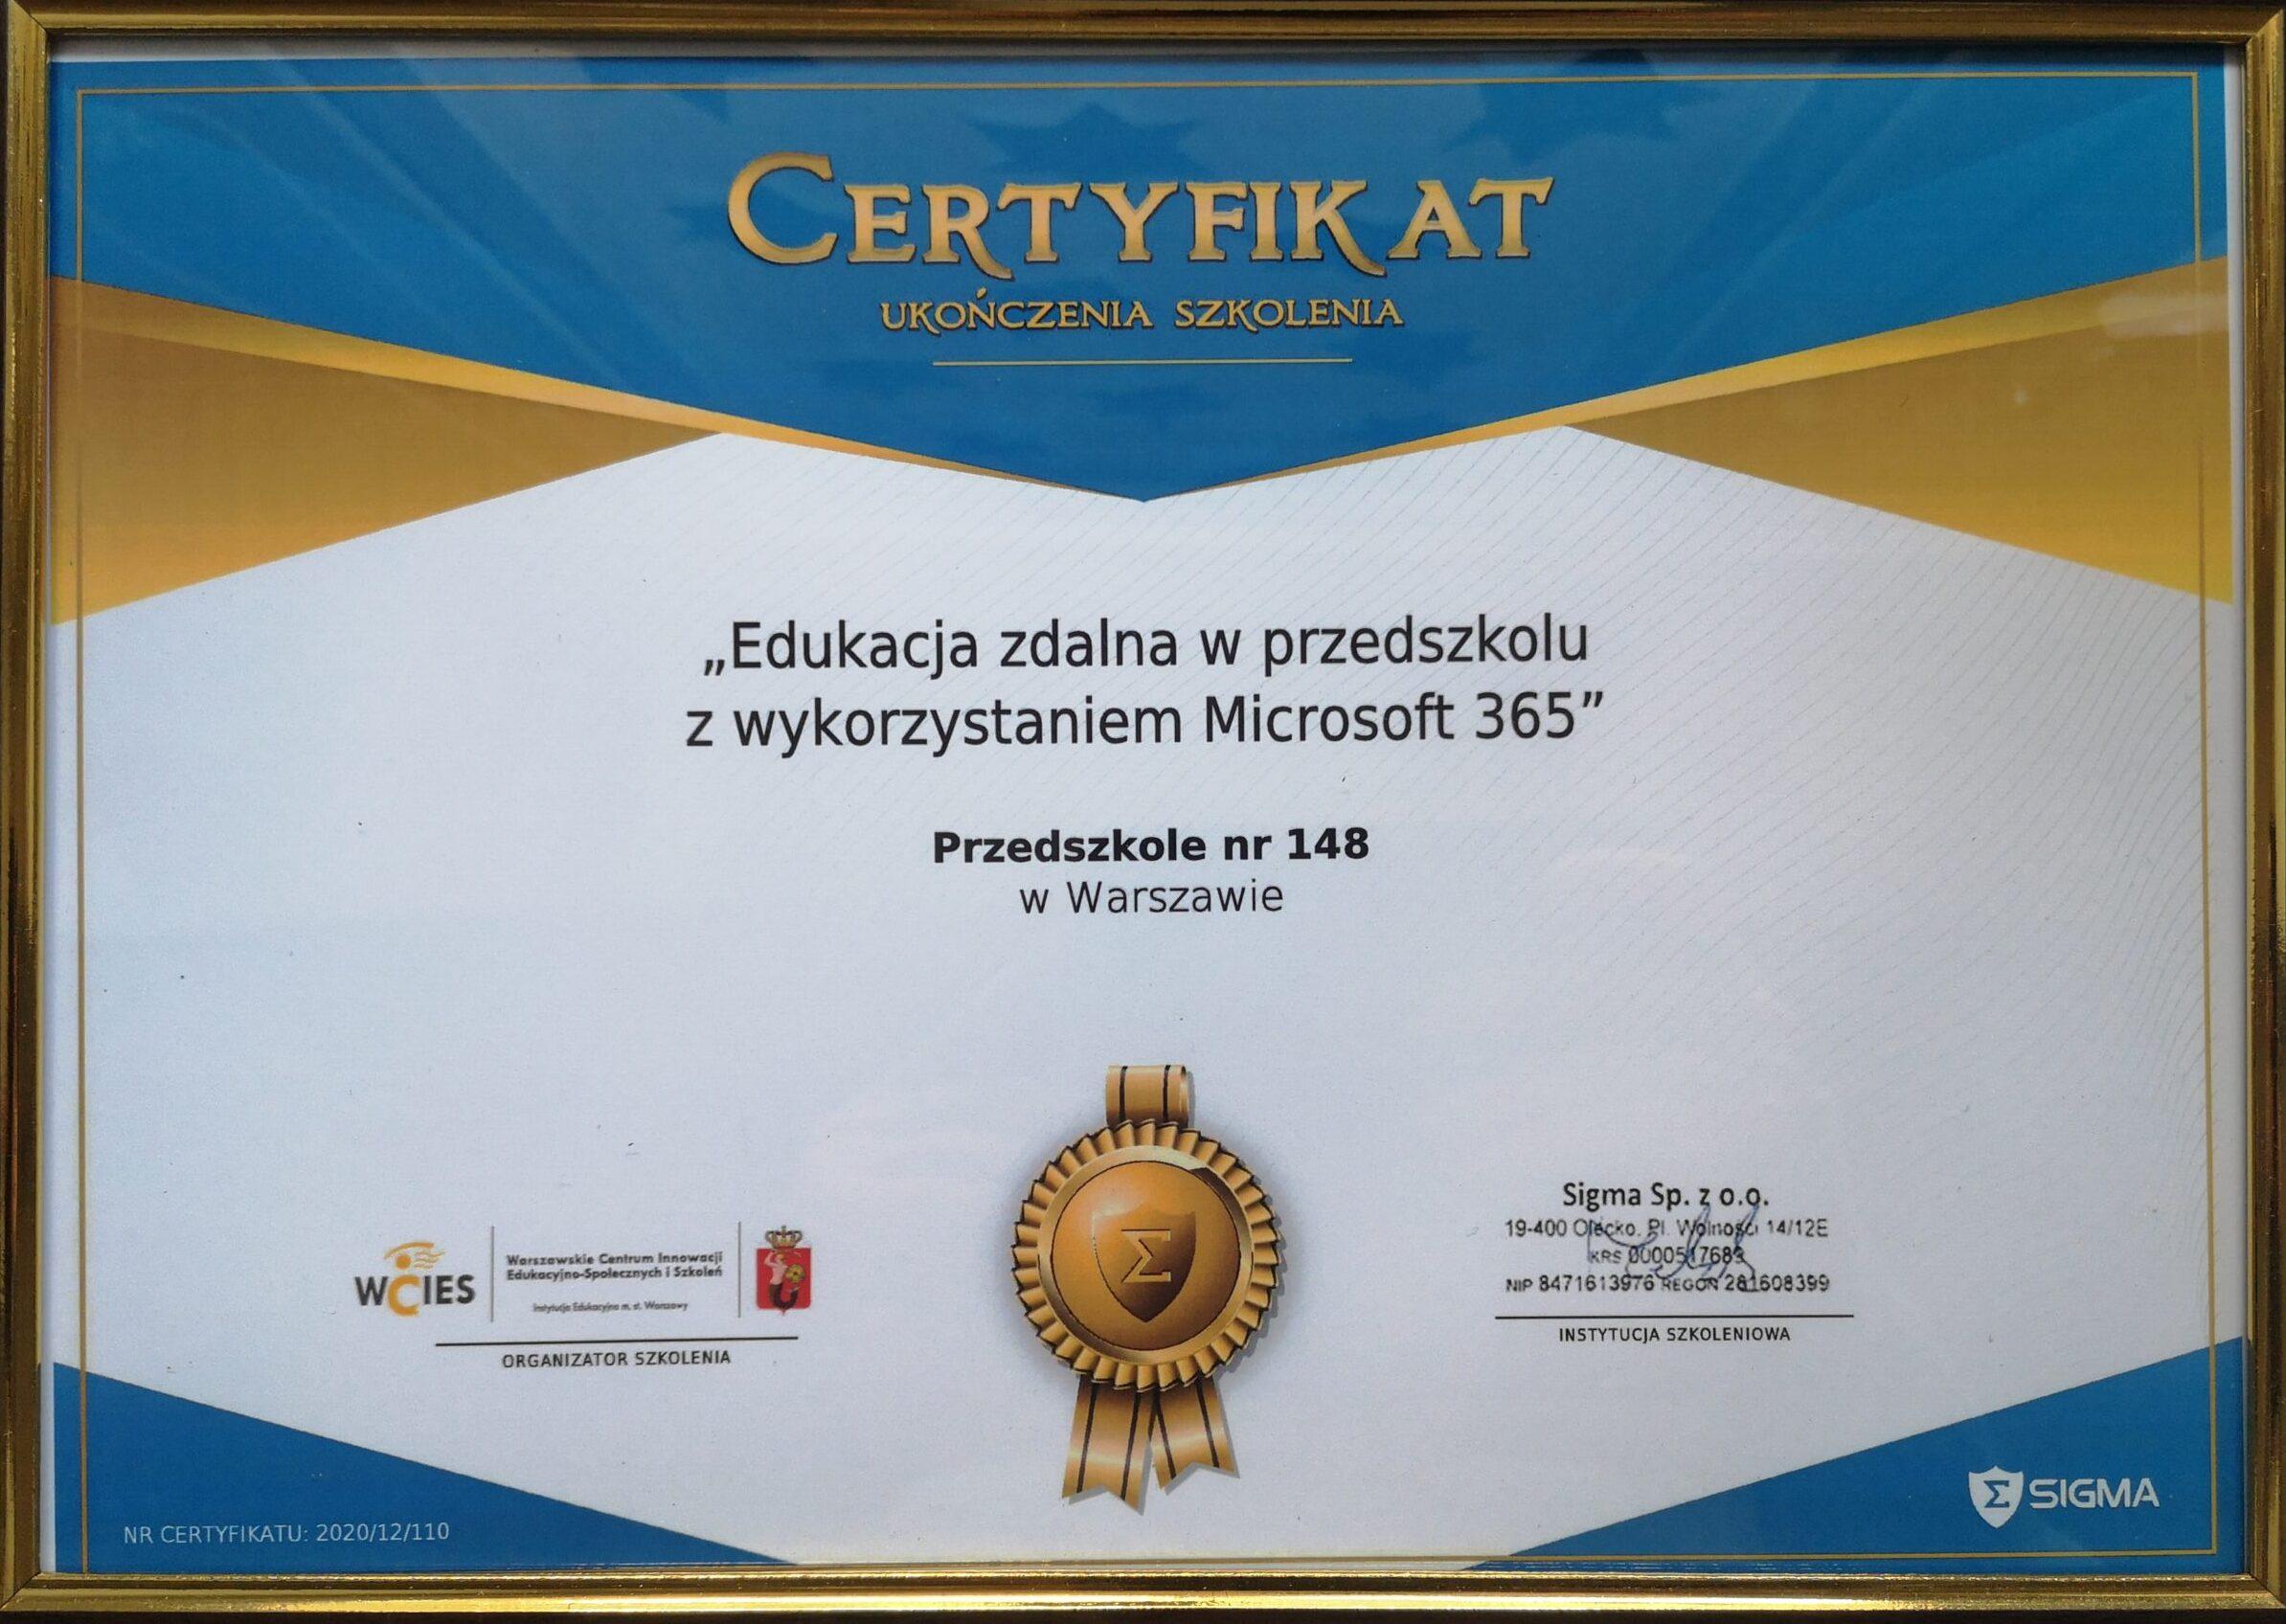 """zdjęcie certyfikatu ukończenia szkolenia """"Edukacja zdalna w przedszkolu z wykorzystaniem Microsoft 365"""""""